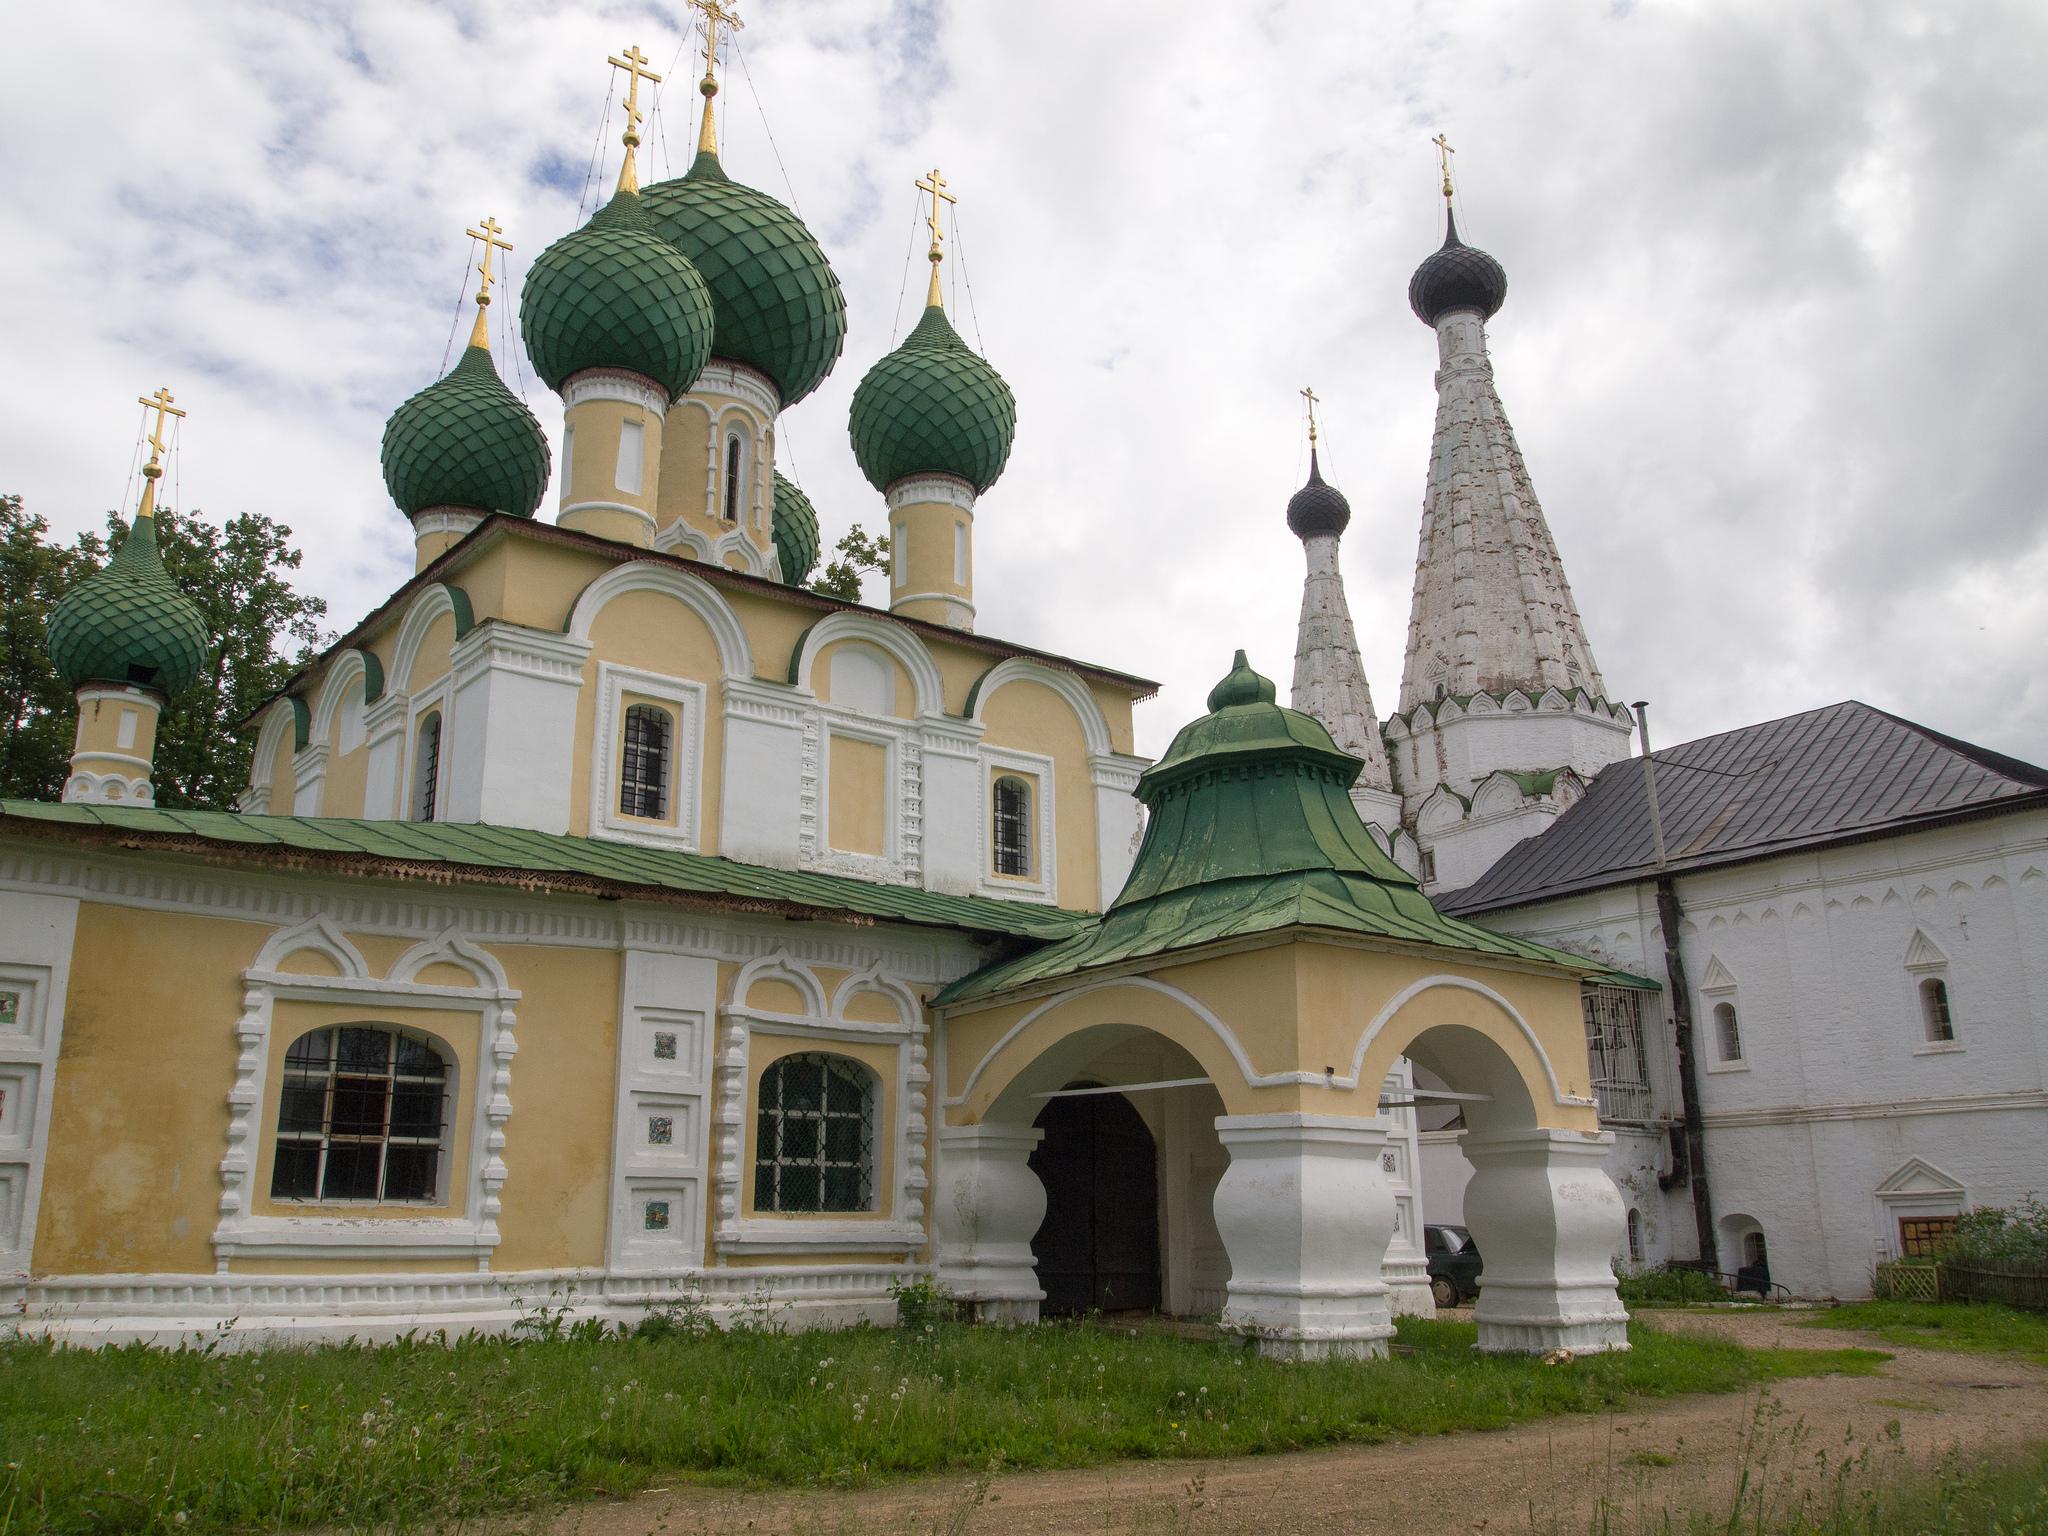 Предтеченский собор, Алексеевский монастырь в Угличе